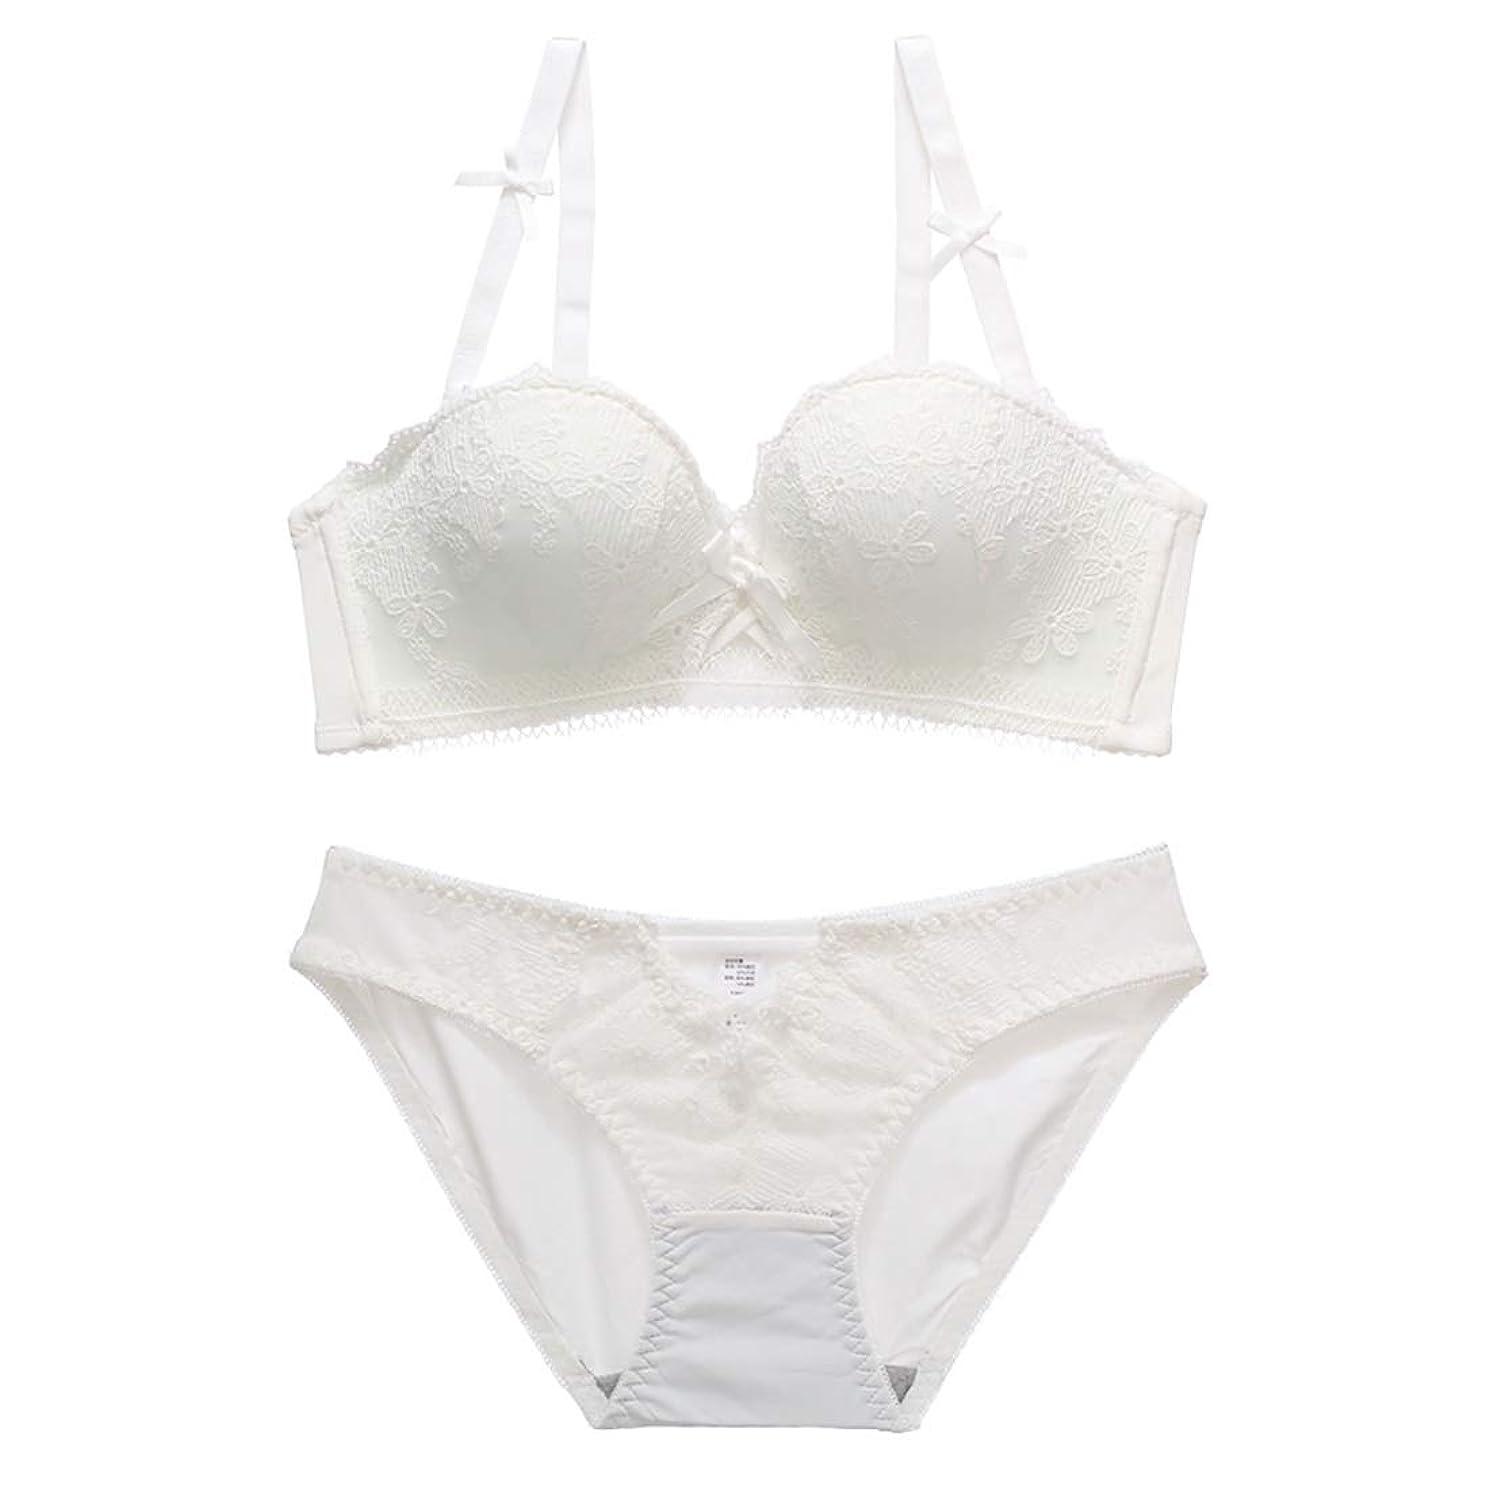 すでに小さい前者ケア セクシーな透かし彫りブラセットレース刺繍パターン、スポンジ、スチールリングなし、調節可能な胸下着、3バックルの4行。 閉じる (Size : 70A=30A=65A)